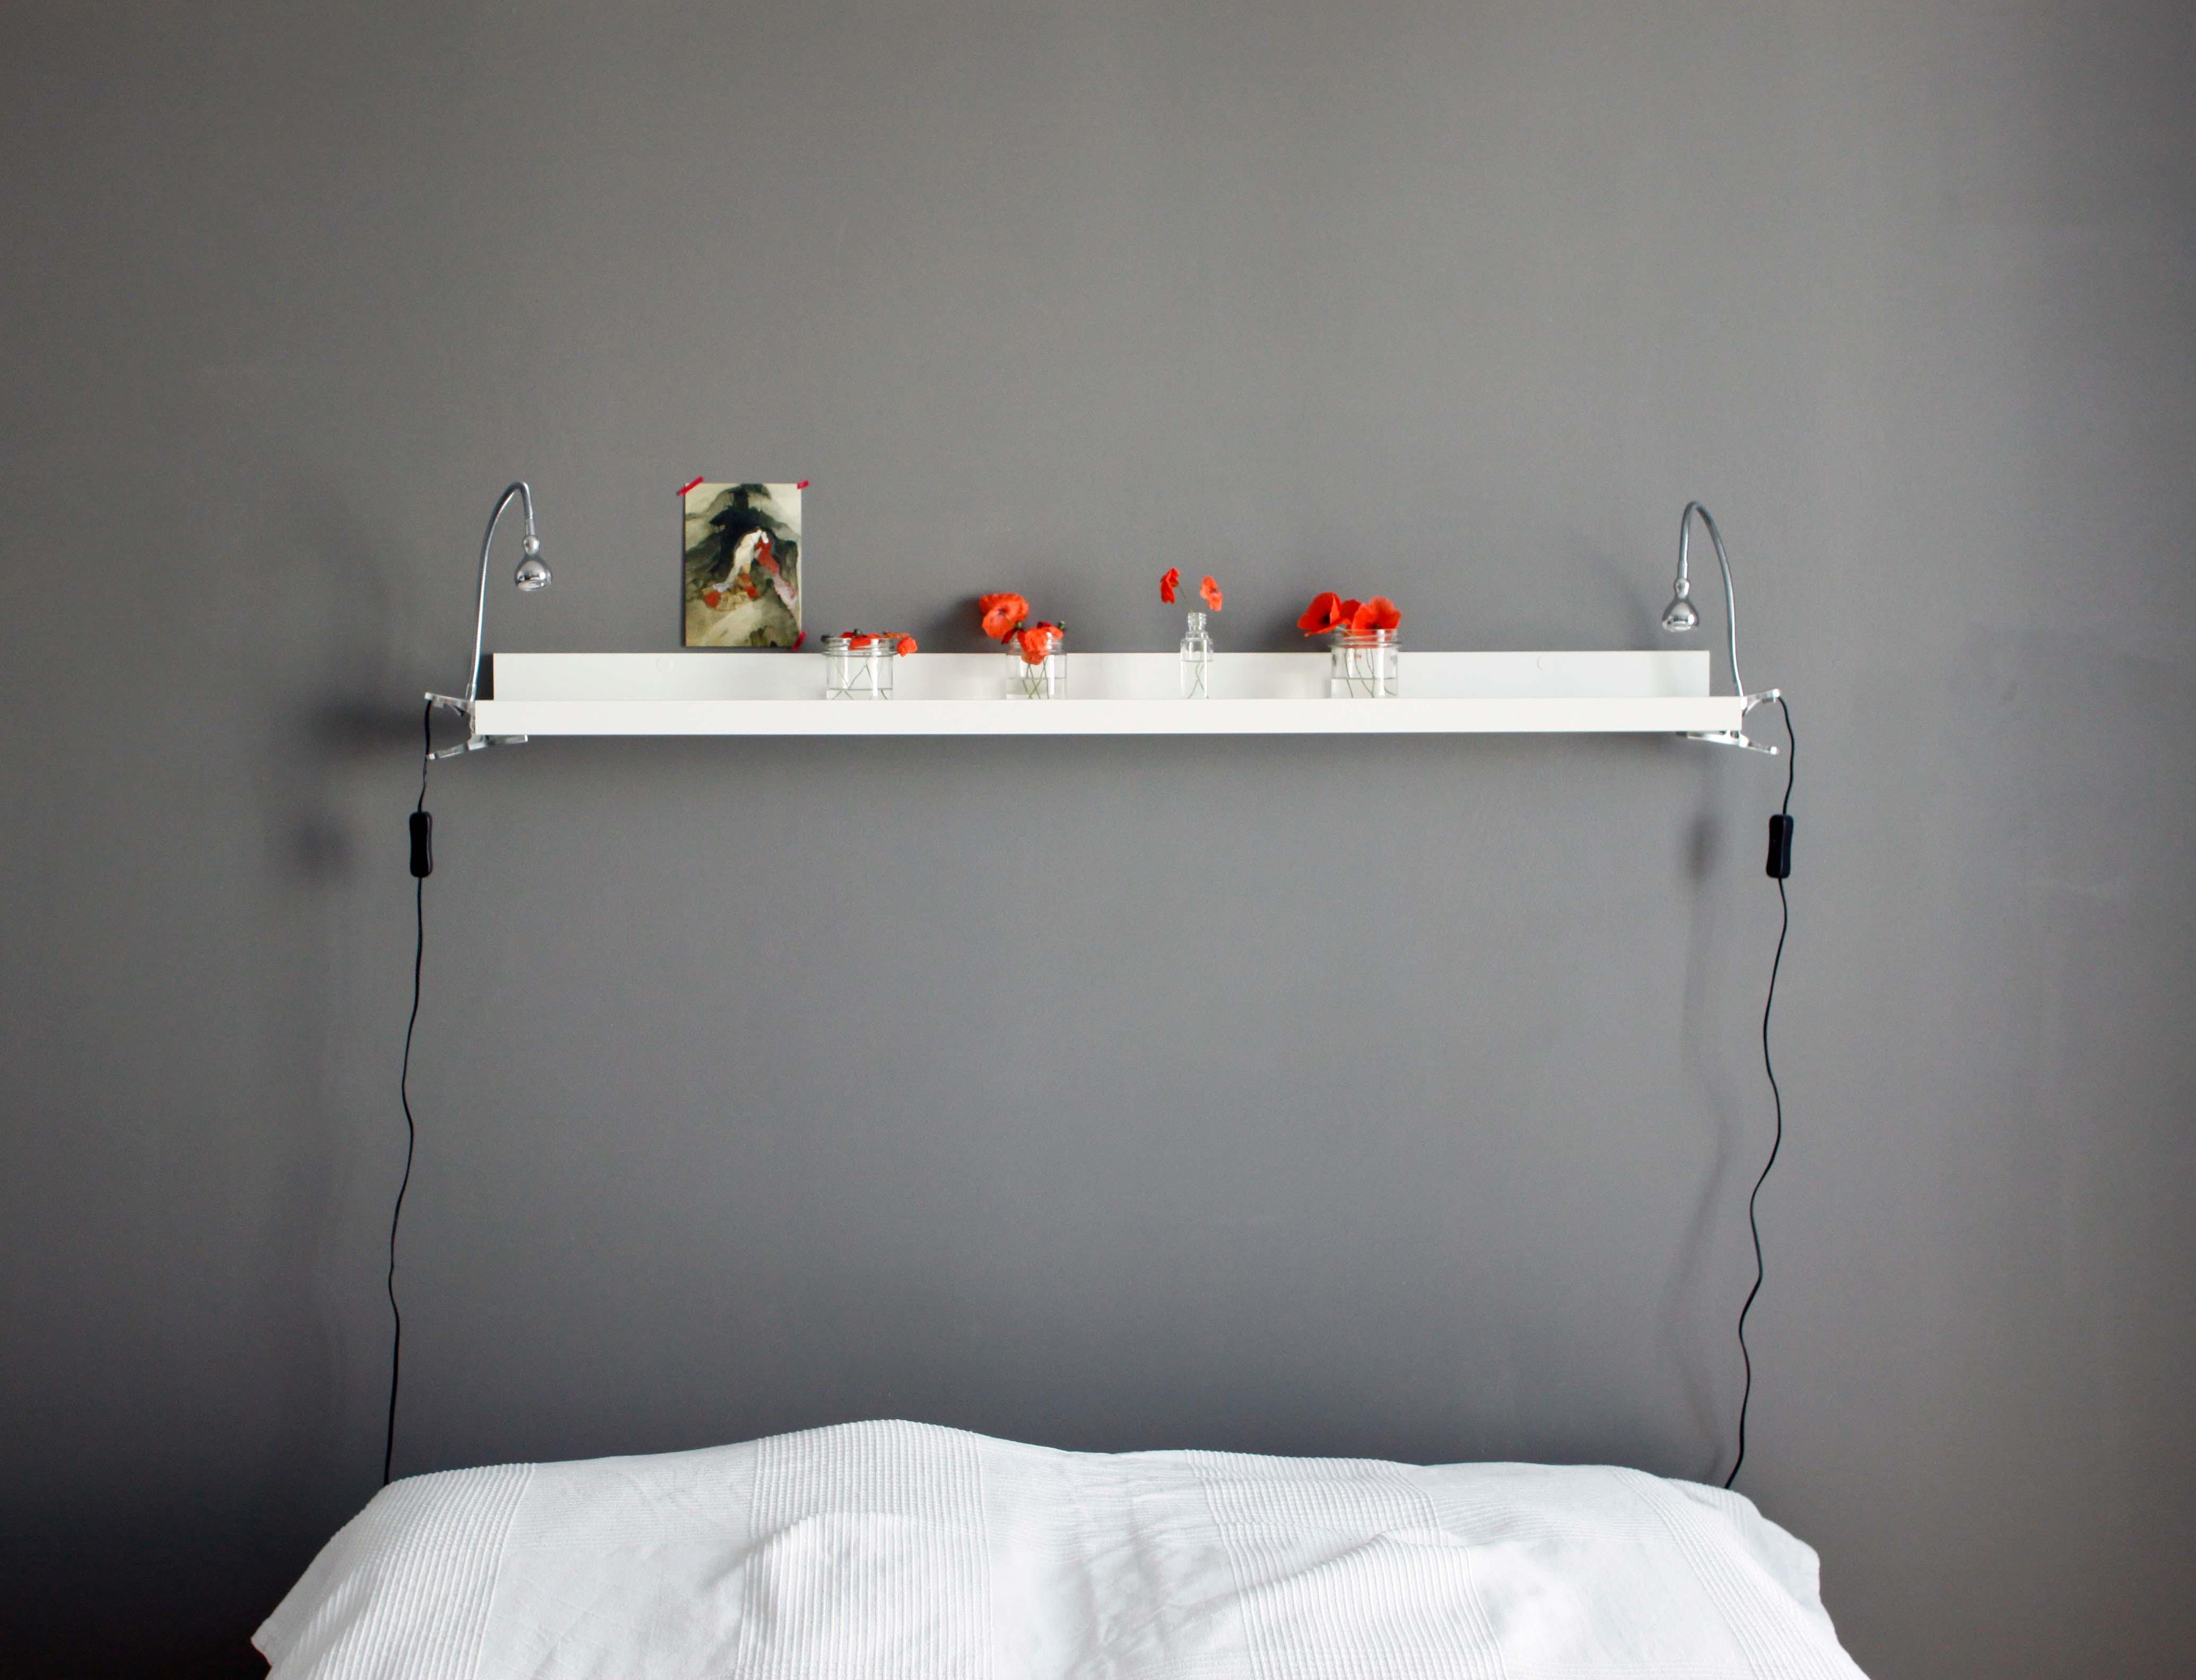 farben im wohnzimmer bilder ideen couchstyle